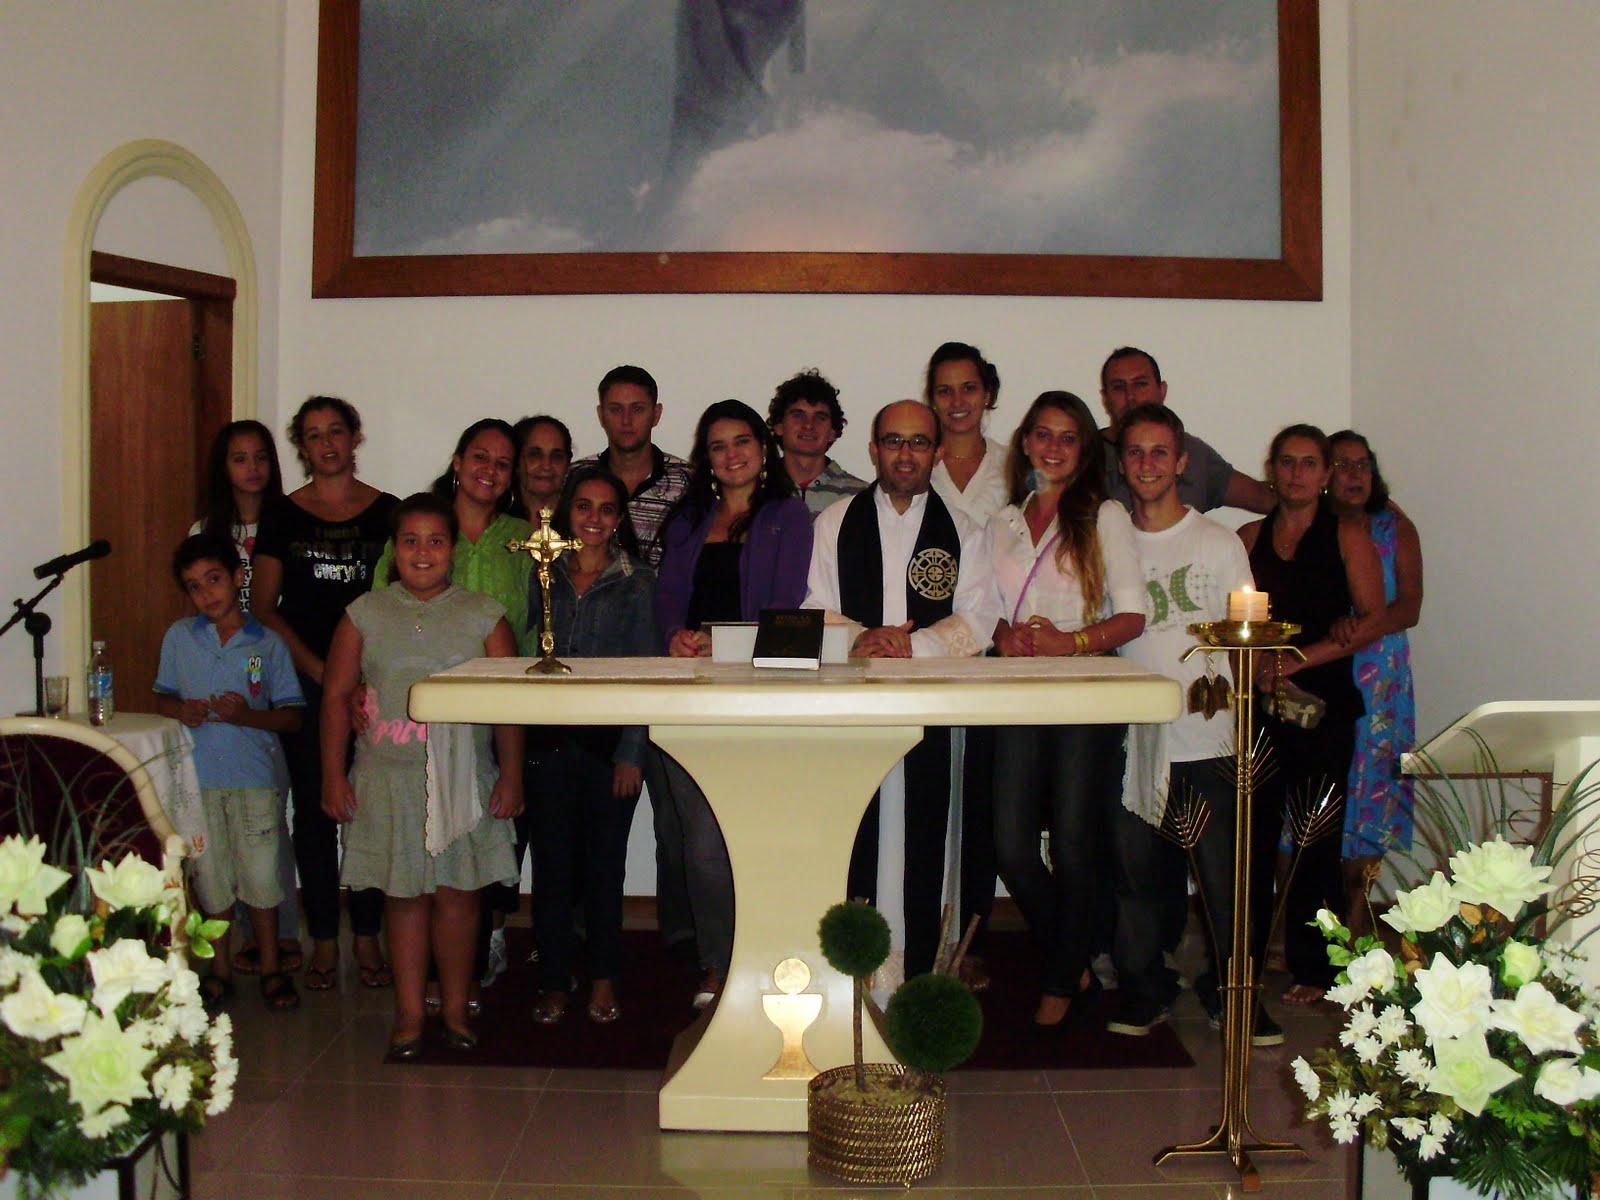 Fiéis anglicanos